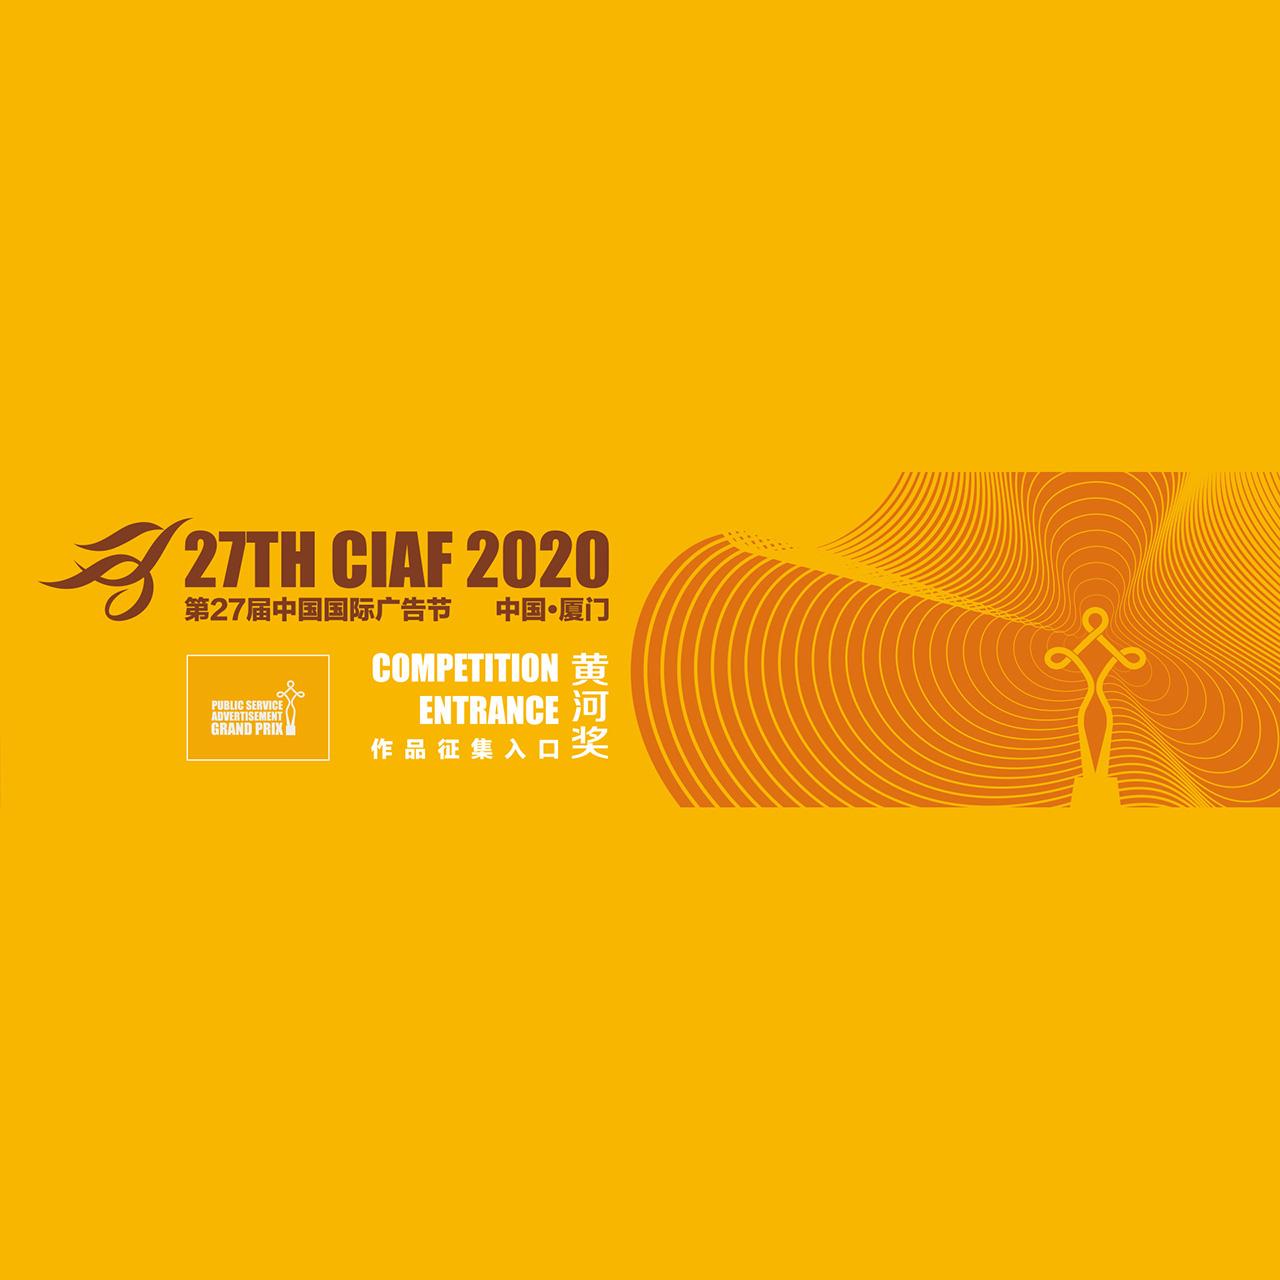 2020第二十七屆中國國際廣告節「黃河獎」徵集